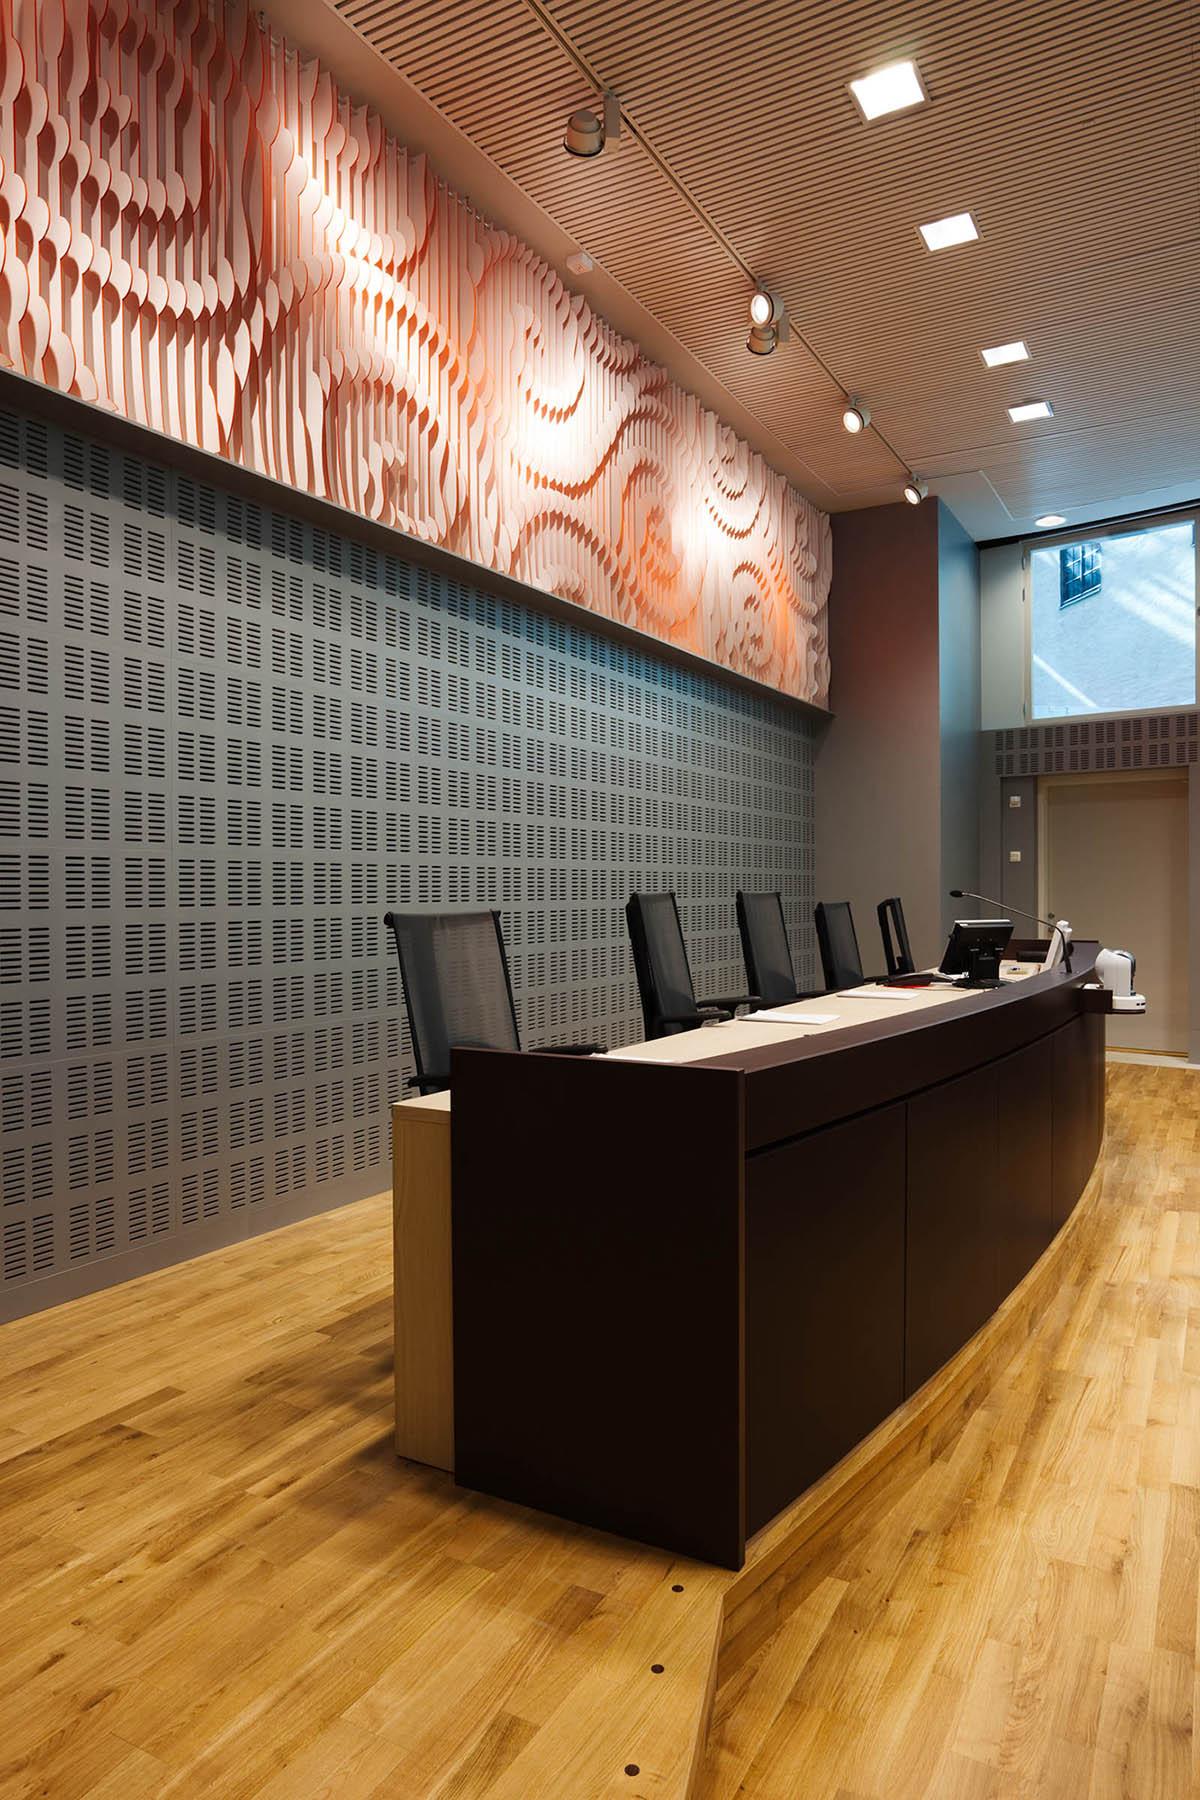 Panel på väggen ovanför domarbordet. Beige-rosa med utskurna spiralliknande mönster. May Bente Aronsen, Lyssnande vägg